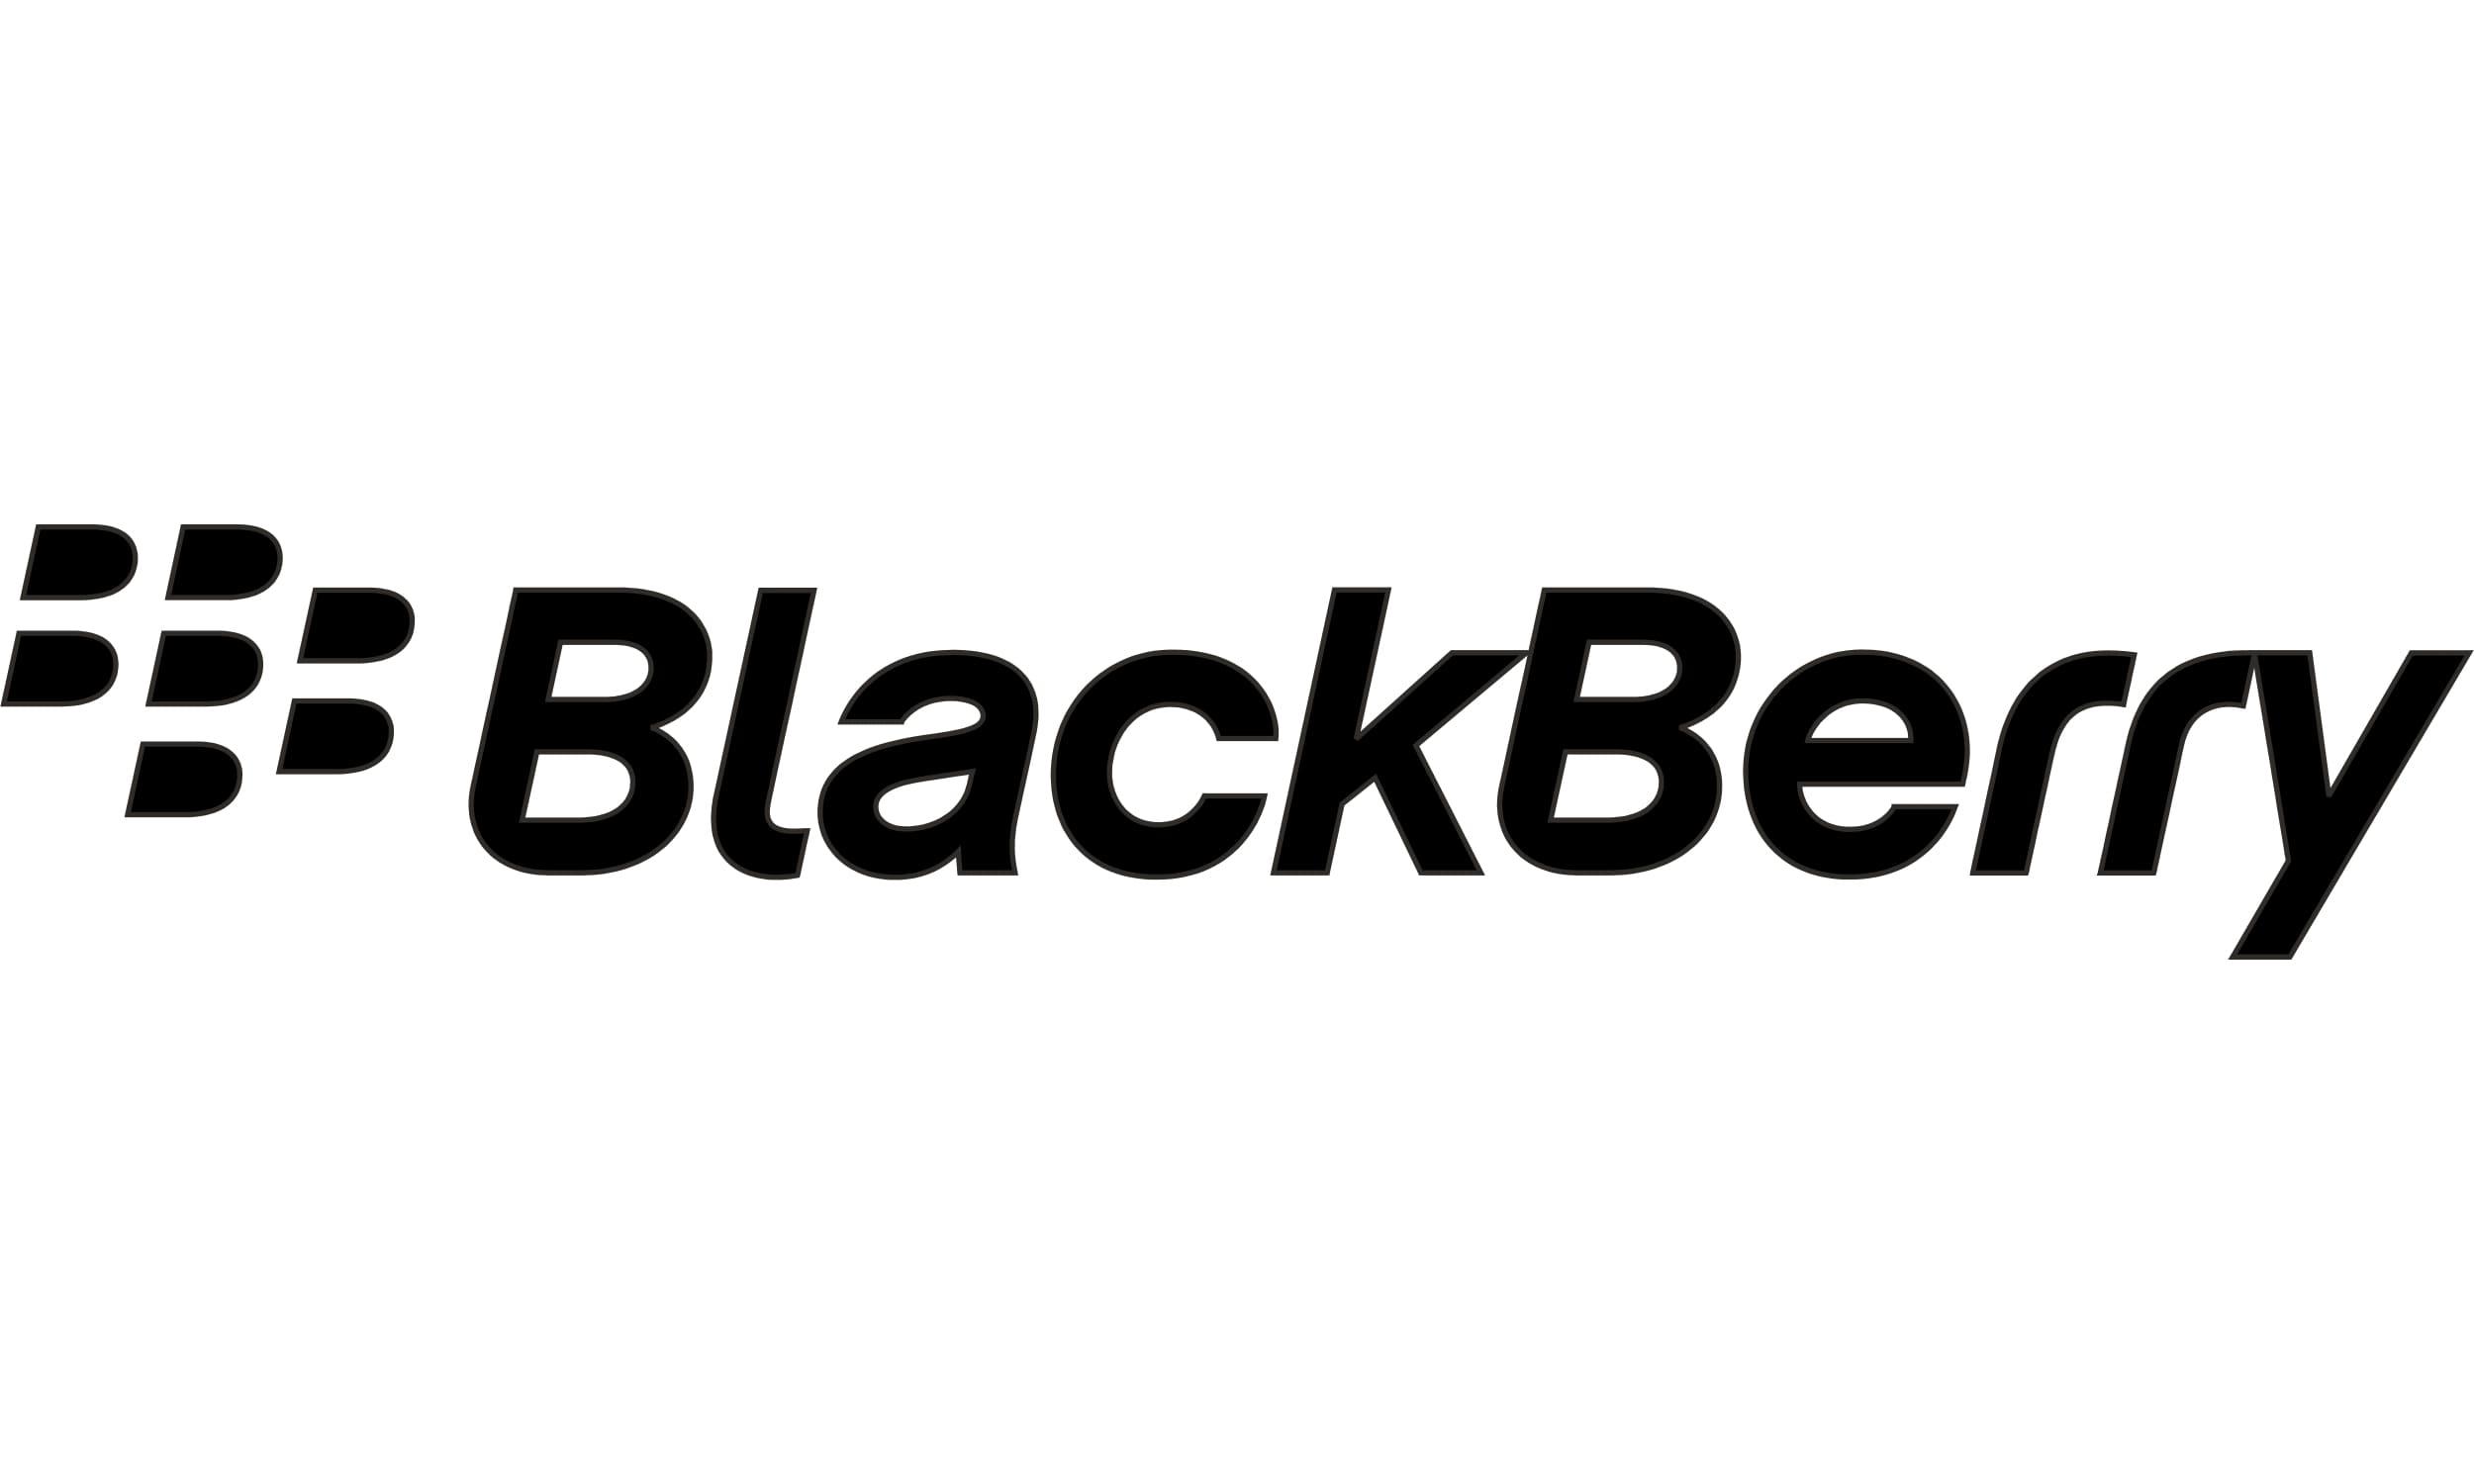 buy blackberry shares uk